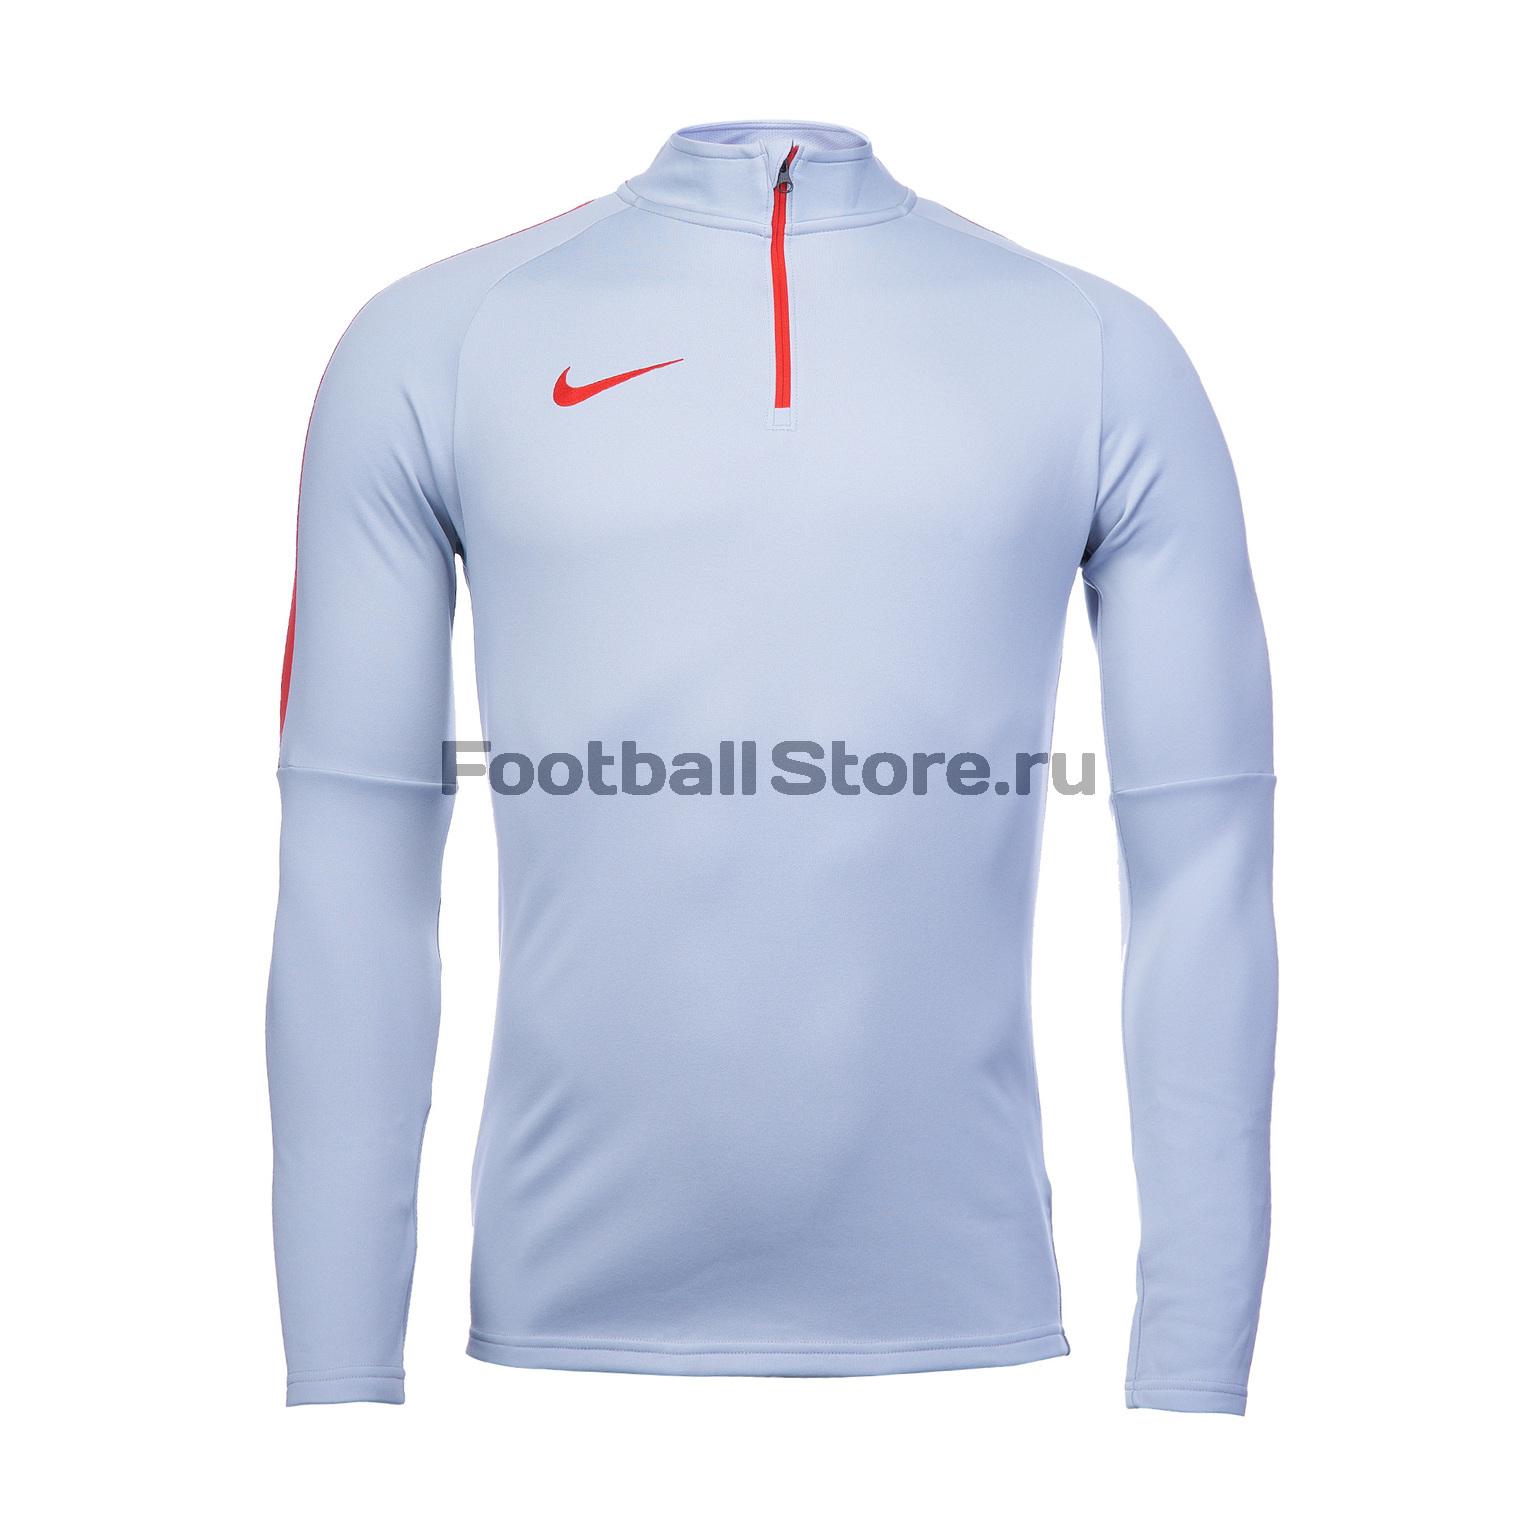 Свитер тренировочный Nike Academy 839344-012 лонгслив мужской nike dry football drill top цвет черный 839344 013 размер s 44 46